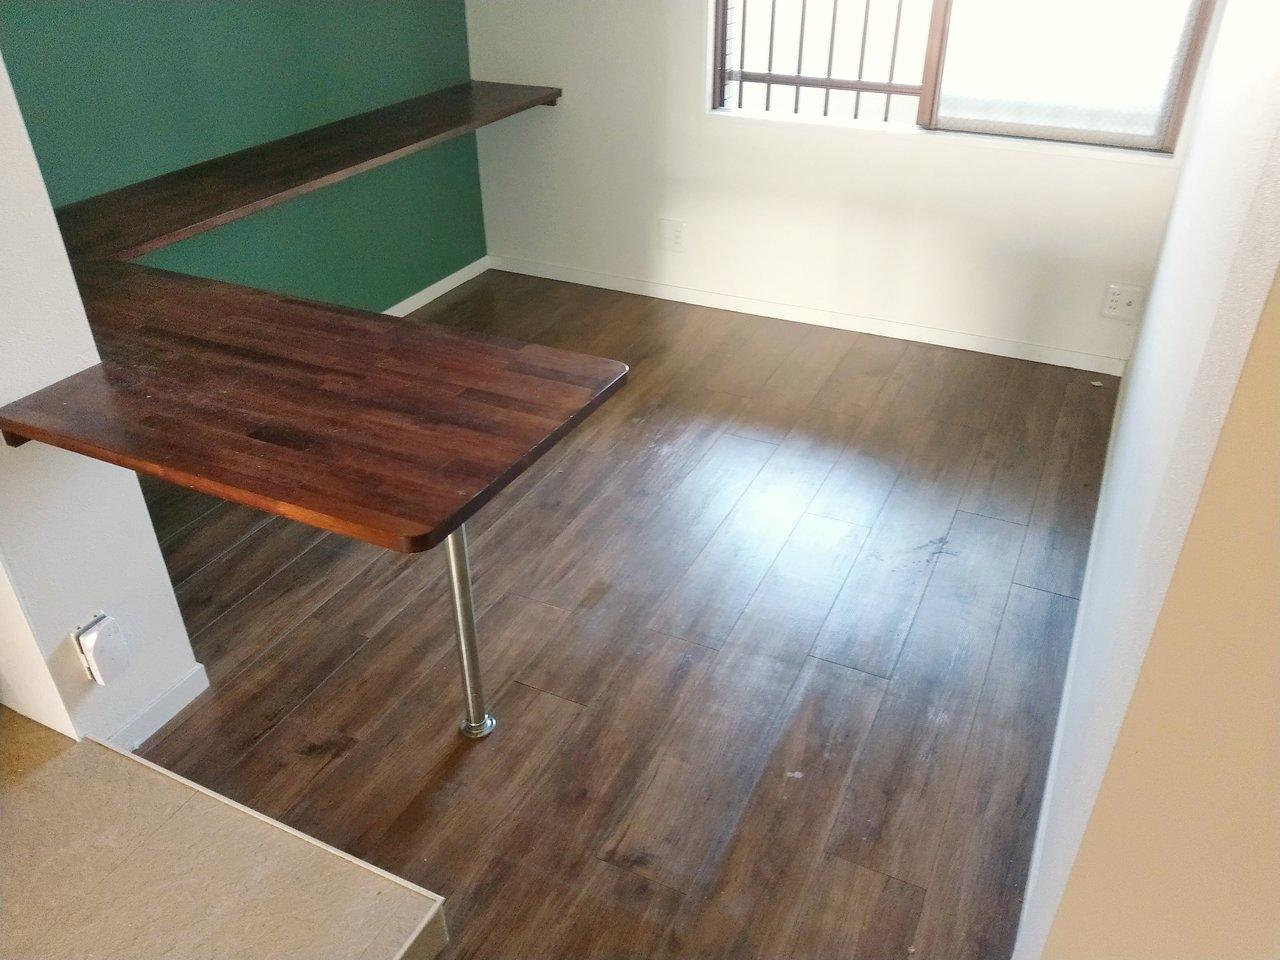 さらにその隣に、ひろーい納戸スペース。普段は使わないキッチン家電や、食材のストックも捗ります。